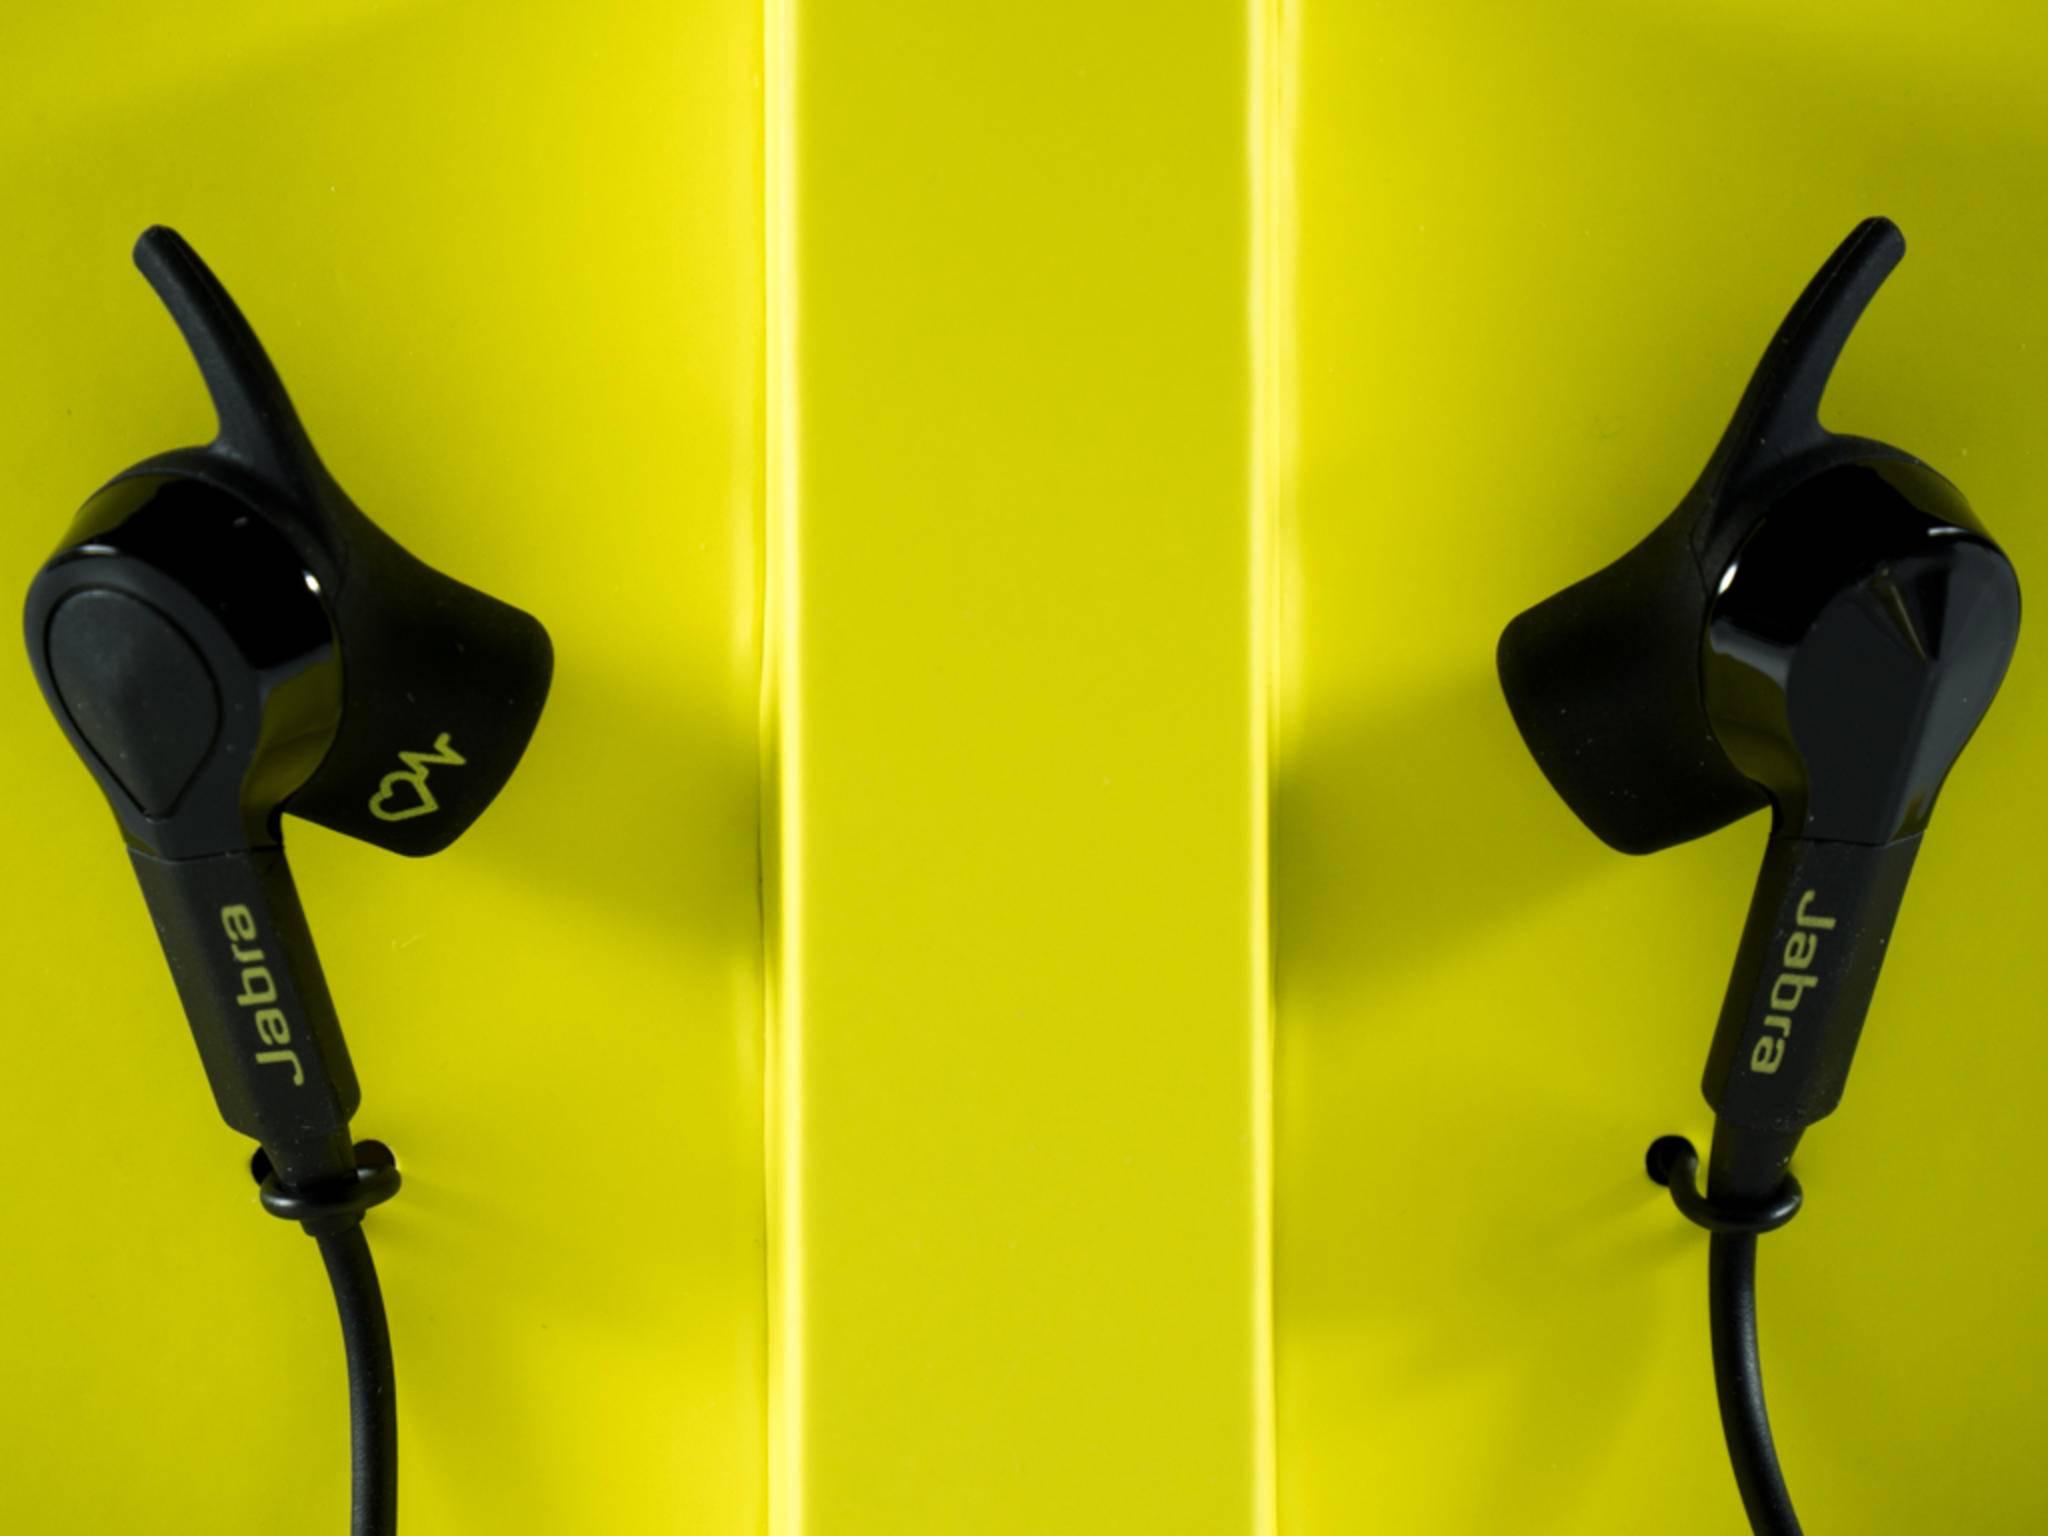 Der Jabra Sport Pulse Wireless ist Kopfhörer und Pulsmesser zugleich.